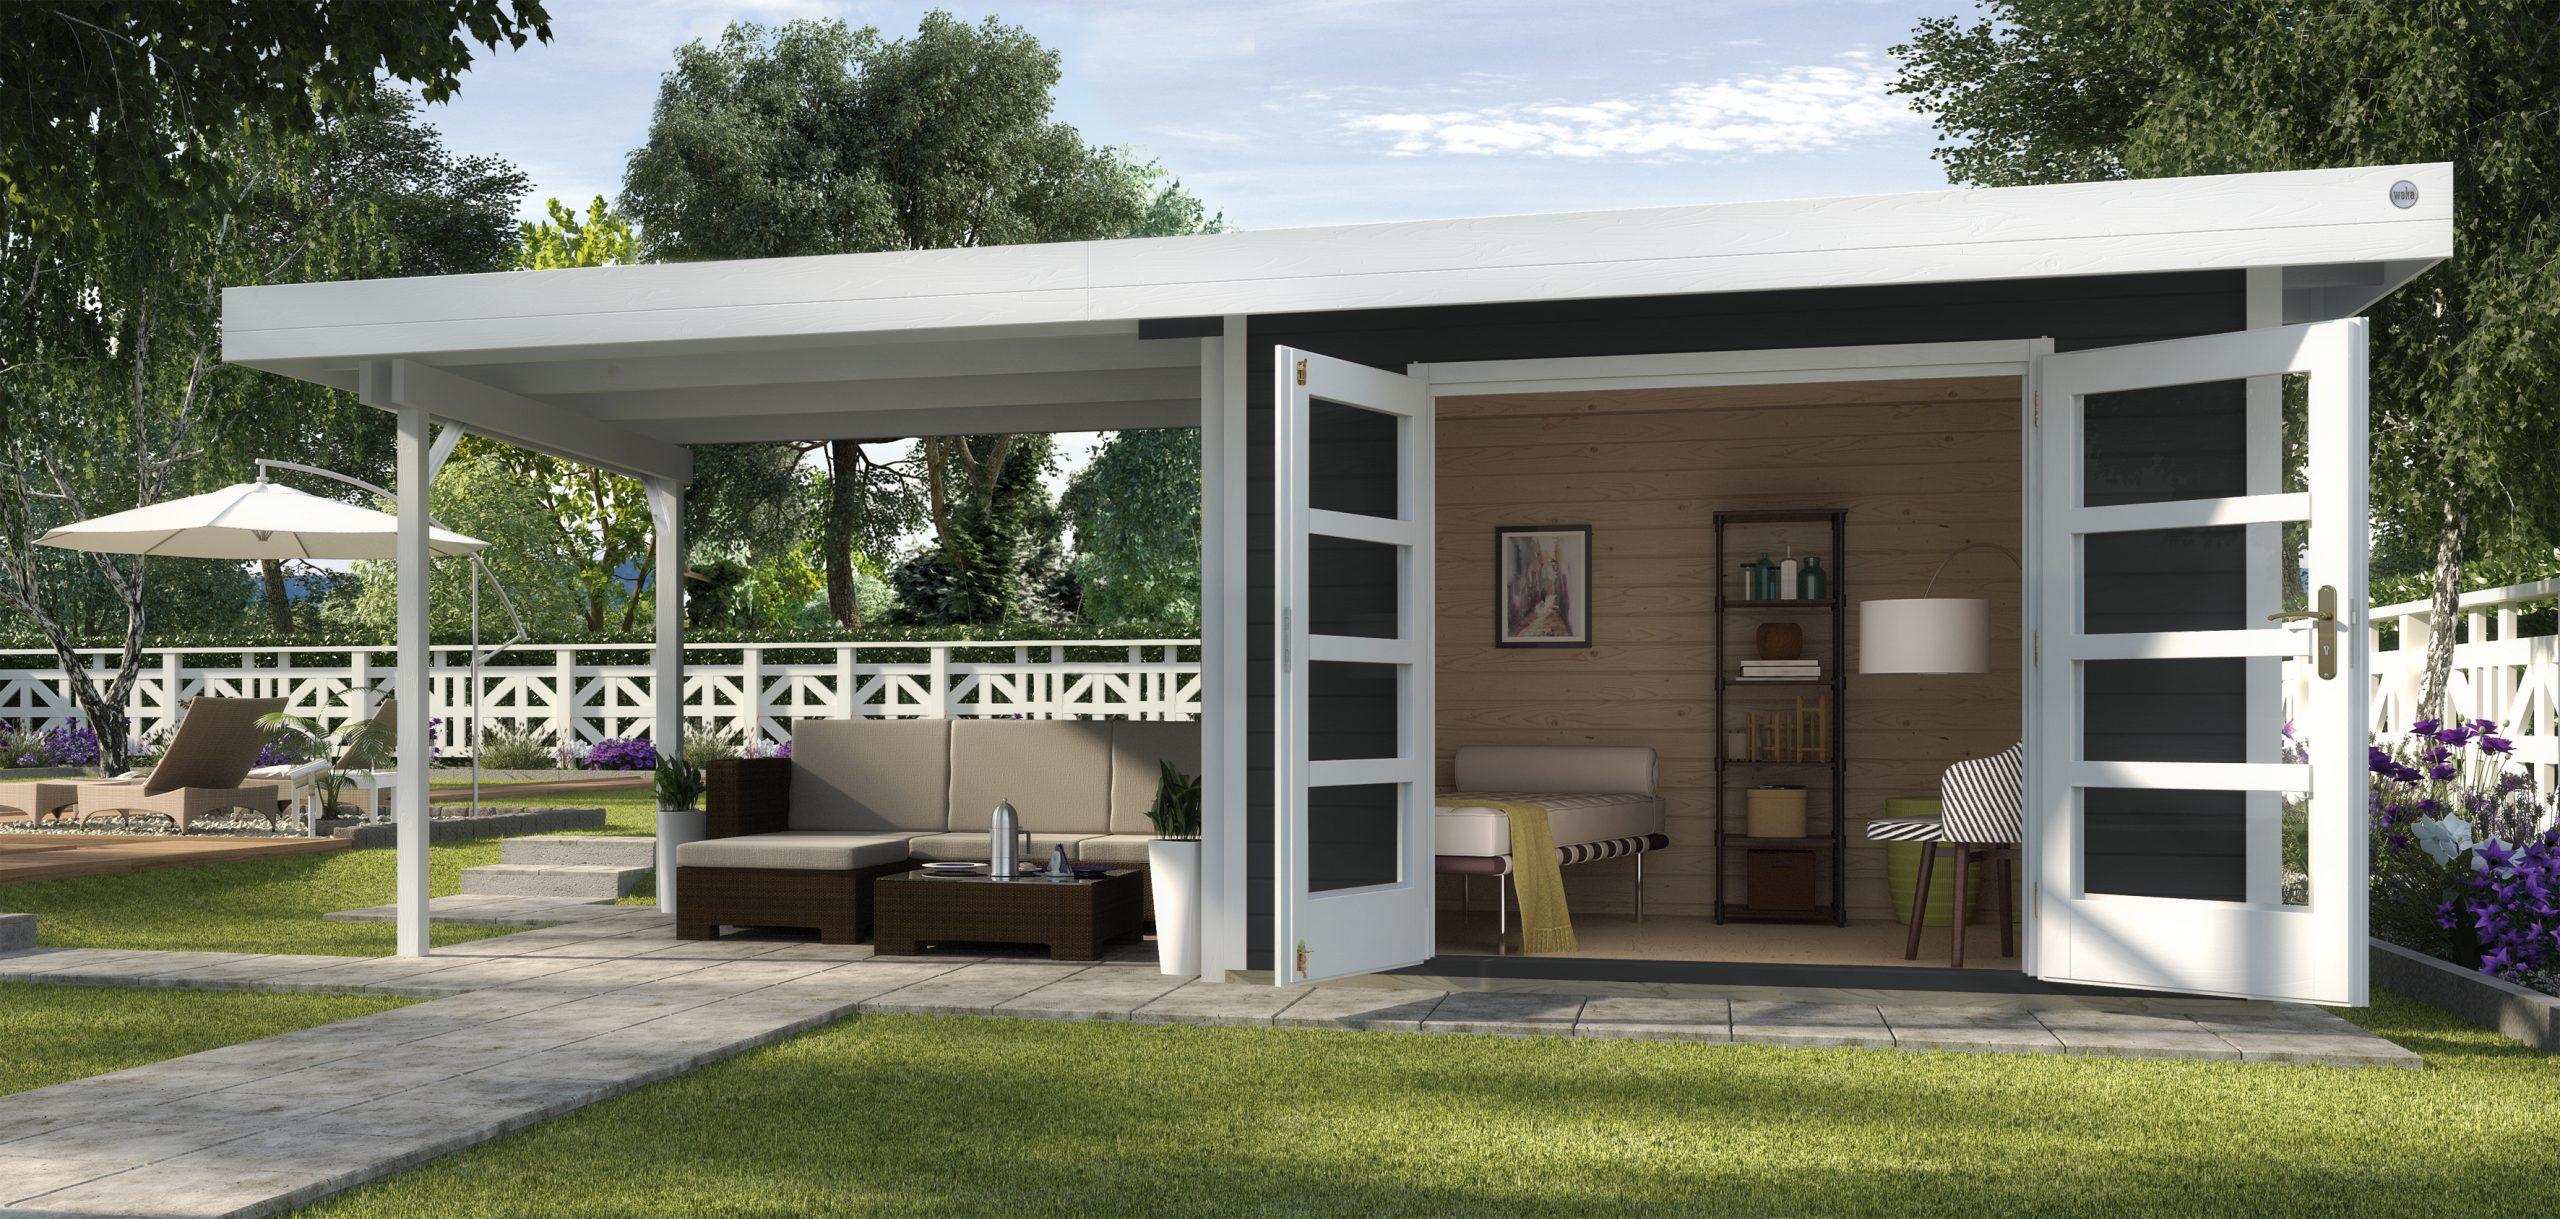 Abri De Jardin Design Toit Plat Avec Auvent - Abri Bois De 10 À 15 M² Nea  Concept encequiconcerne Abris De Jardin Avec Auvent